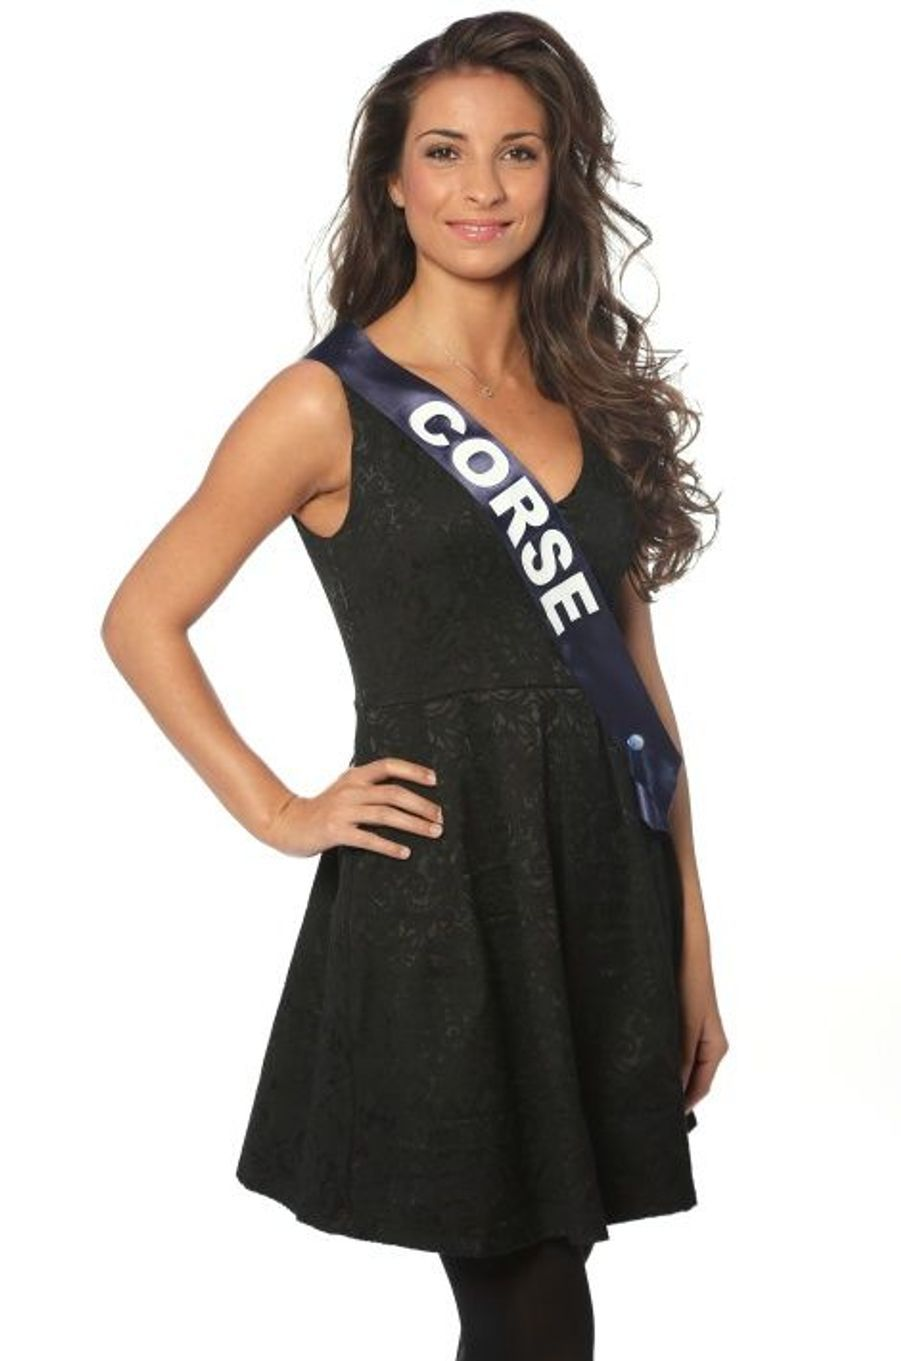 Cécilia Napoli, 19 ans, Miss Corse